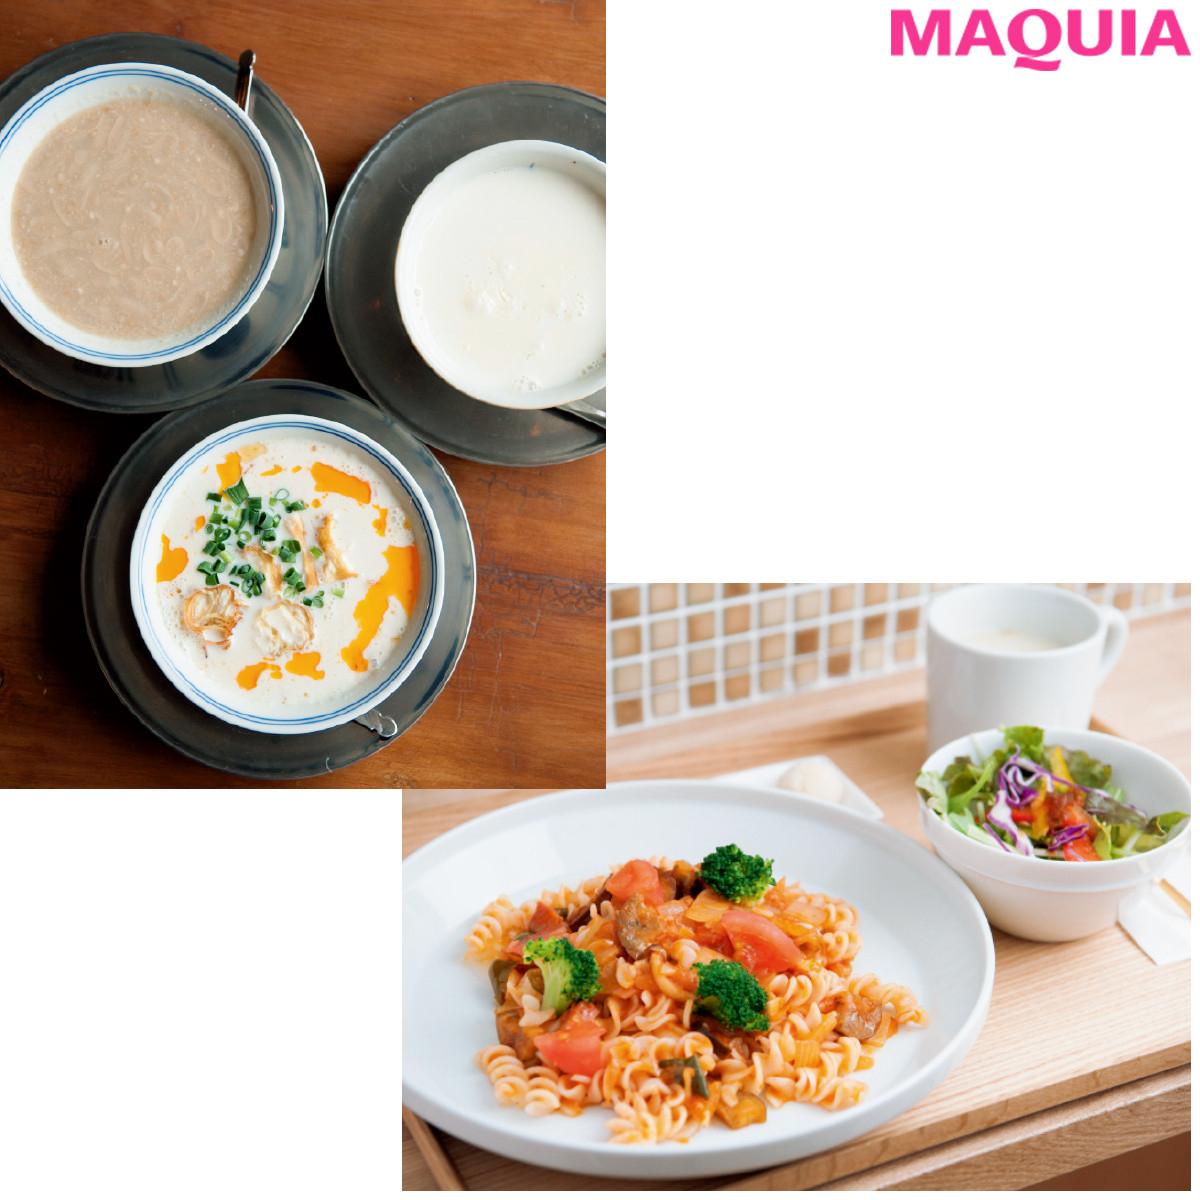 人気の食材「豆漿(トウジャン)」「米粉」のおいしさを味わえるNEWショップ